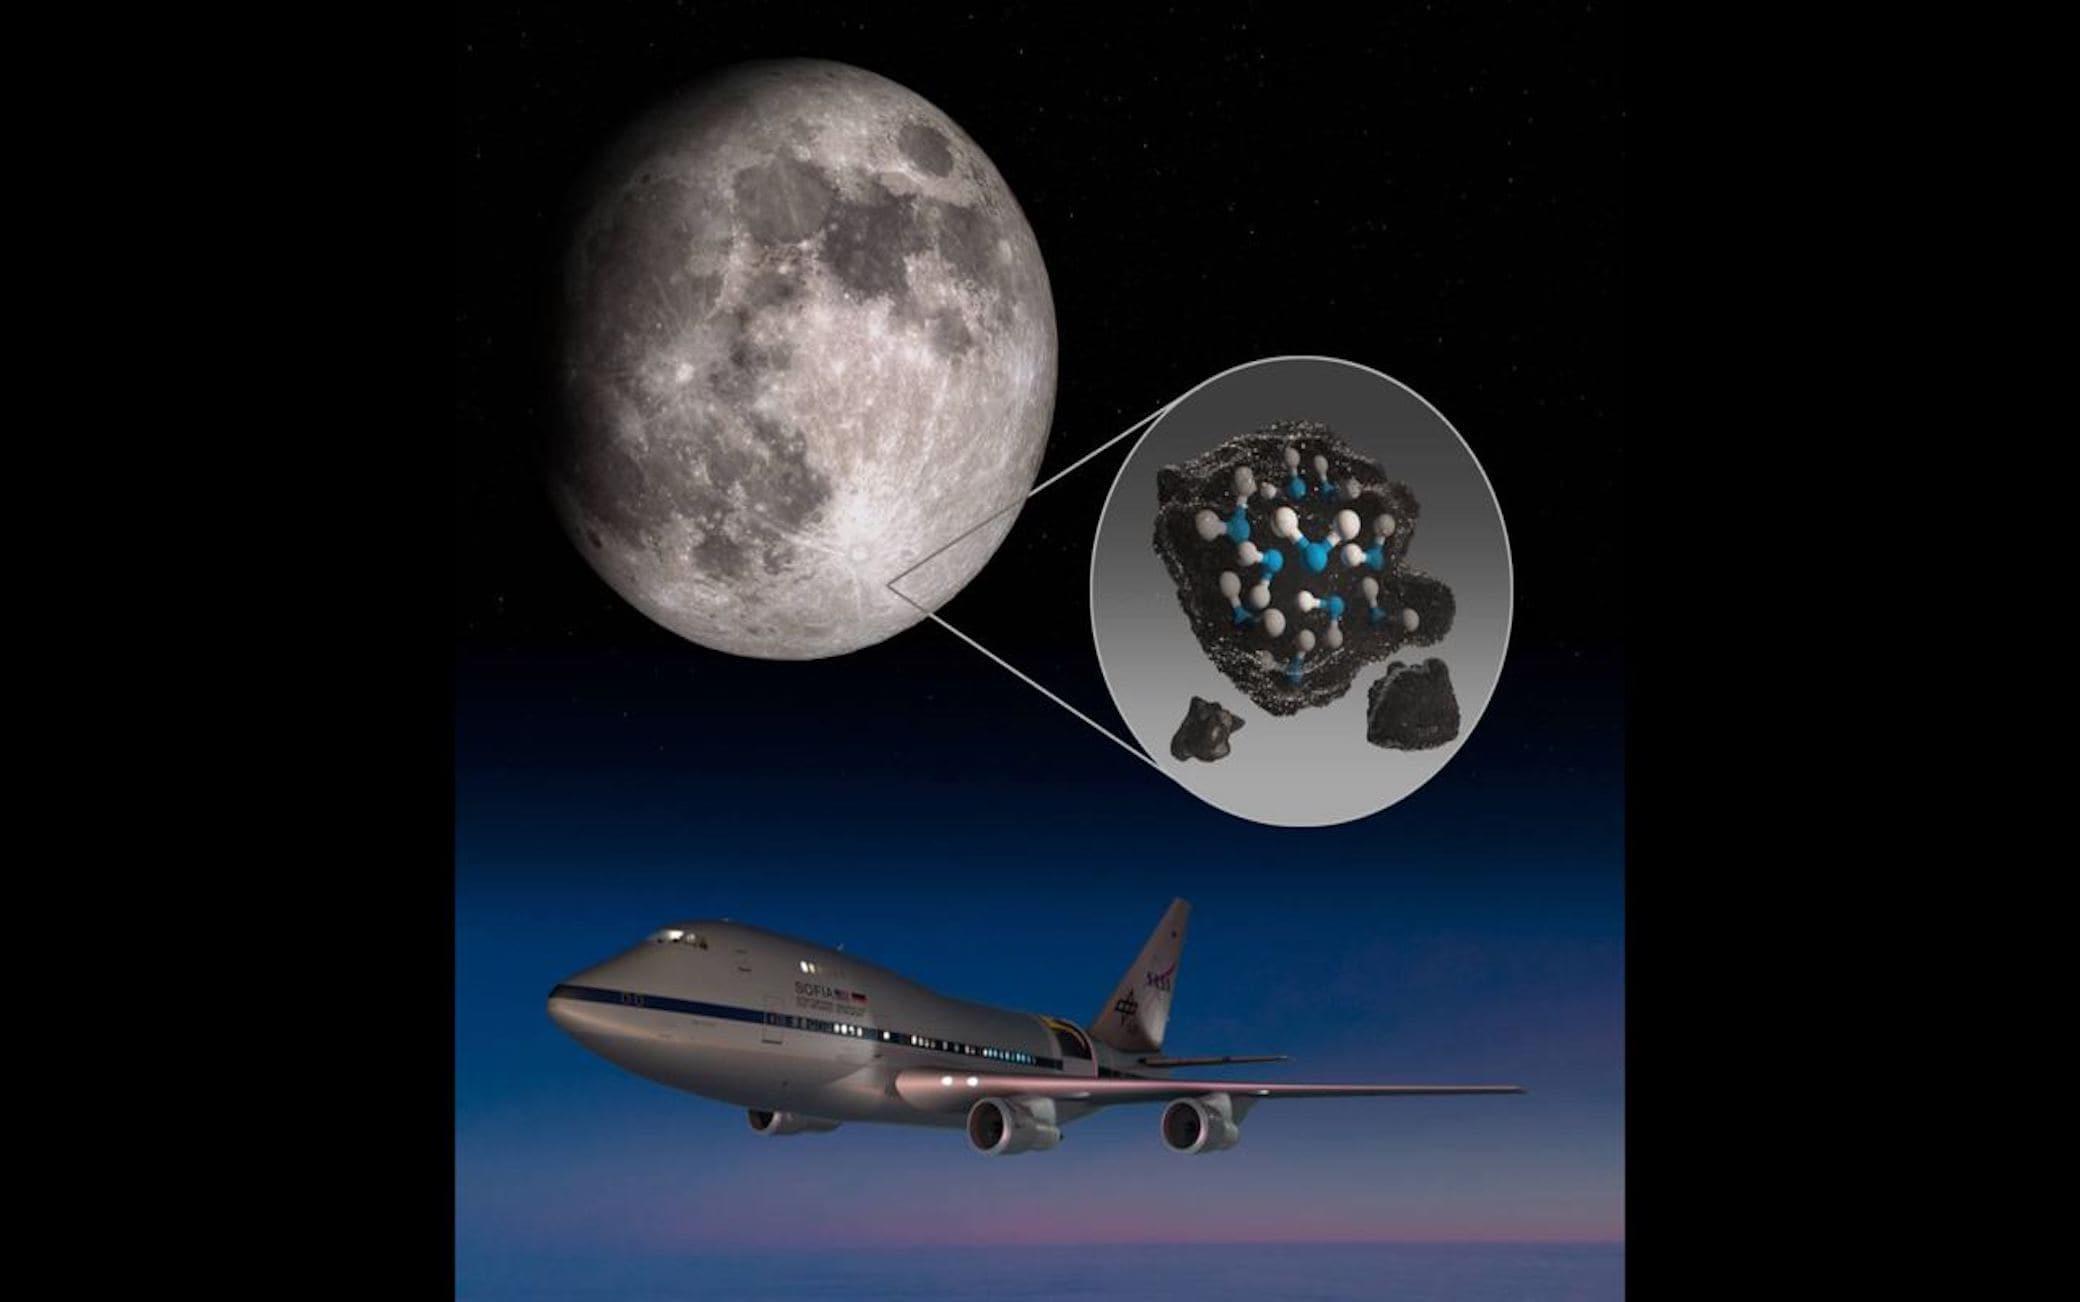 Illustrazione che evidenzia il cratere Clavius della Luna e l'acqua intrappolata nel suolo lunare insieme ad un'immagine dell'Osservatorio stratosferico per l'astronomia a infrarossi della Nasa (SOFIA)